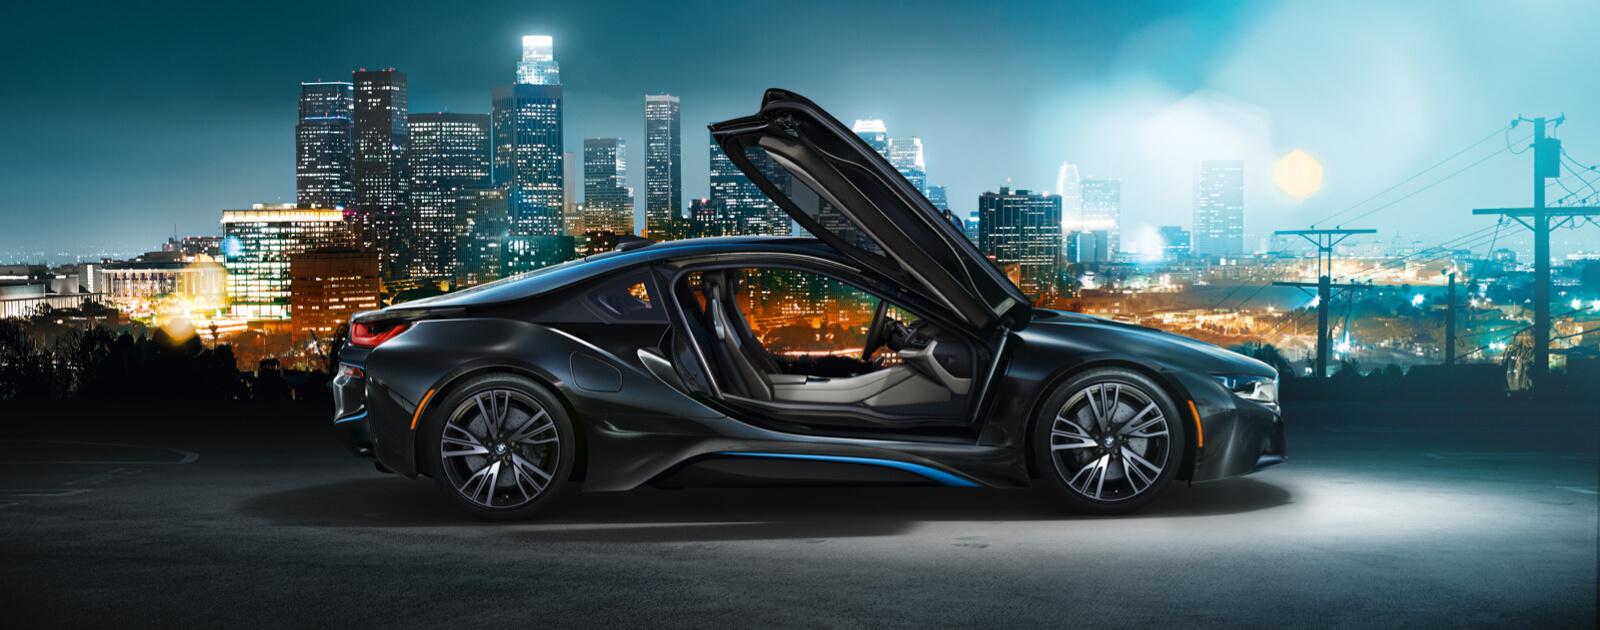 BMW, 엄격한 전통에 깃든 창조적인 파격.